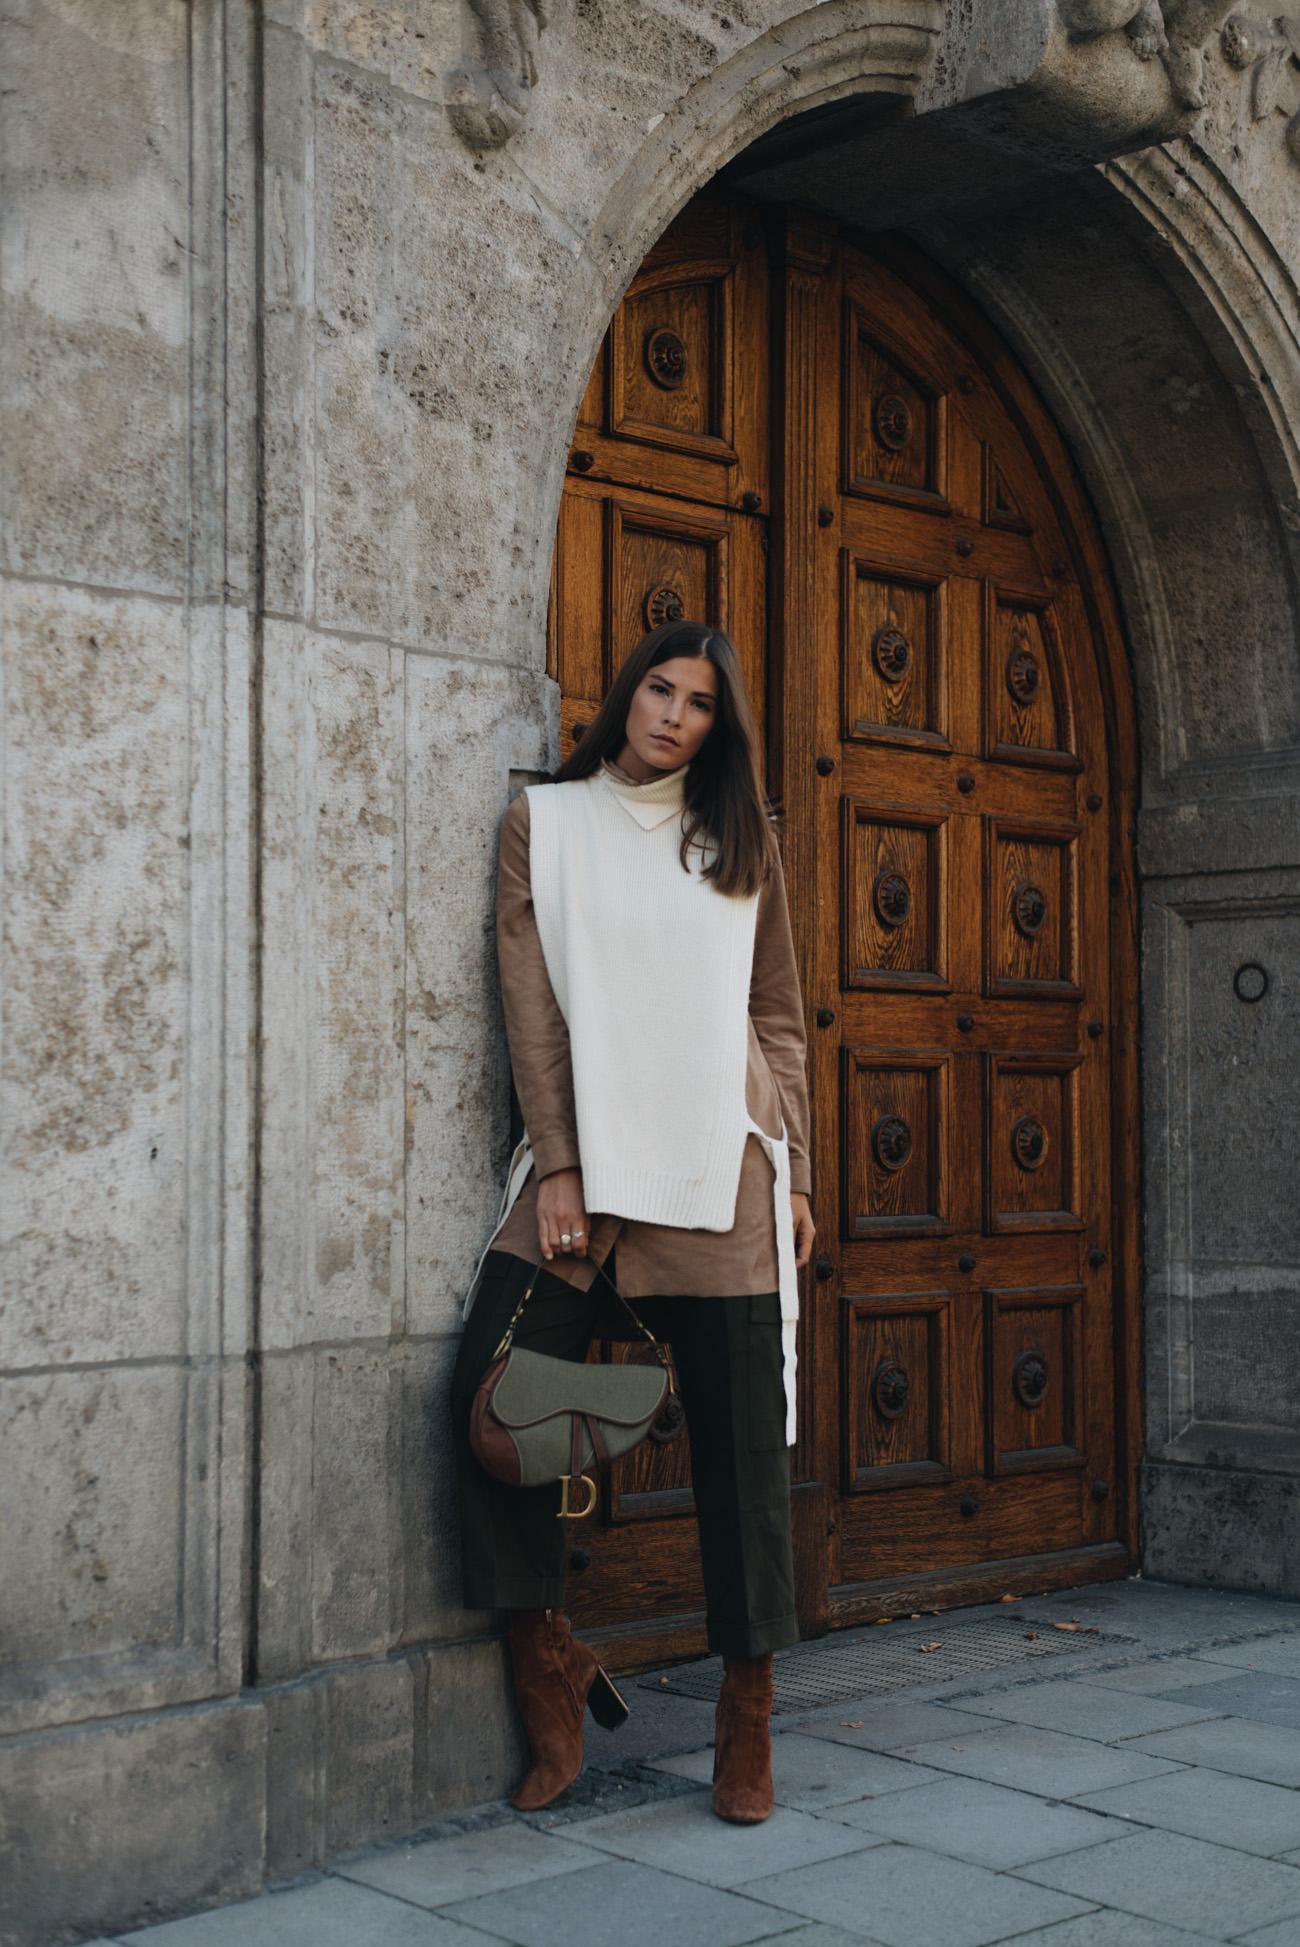 Dior-Saddle-Bag-It-bags-Trends-2017-handtaschen-vintage-second-hand-khak-braun-grün-fashiioncarpet-nina-schwichtenberg